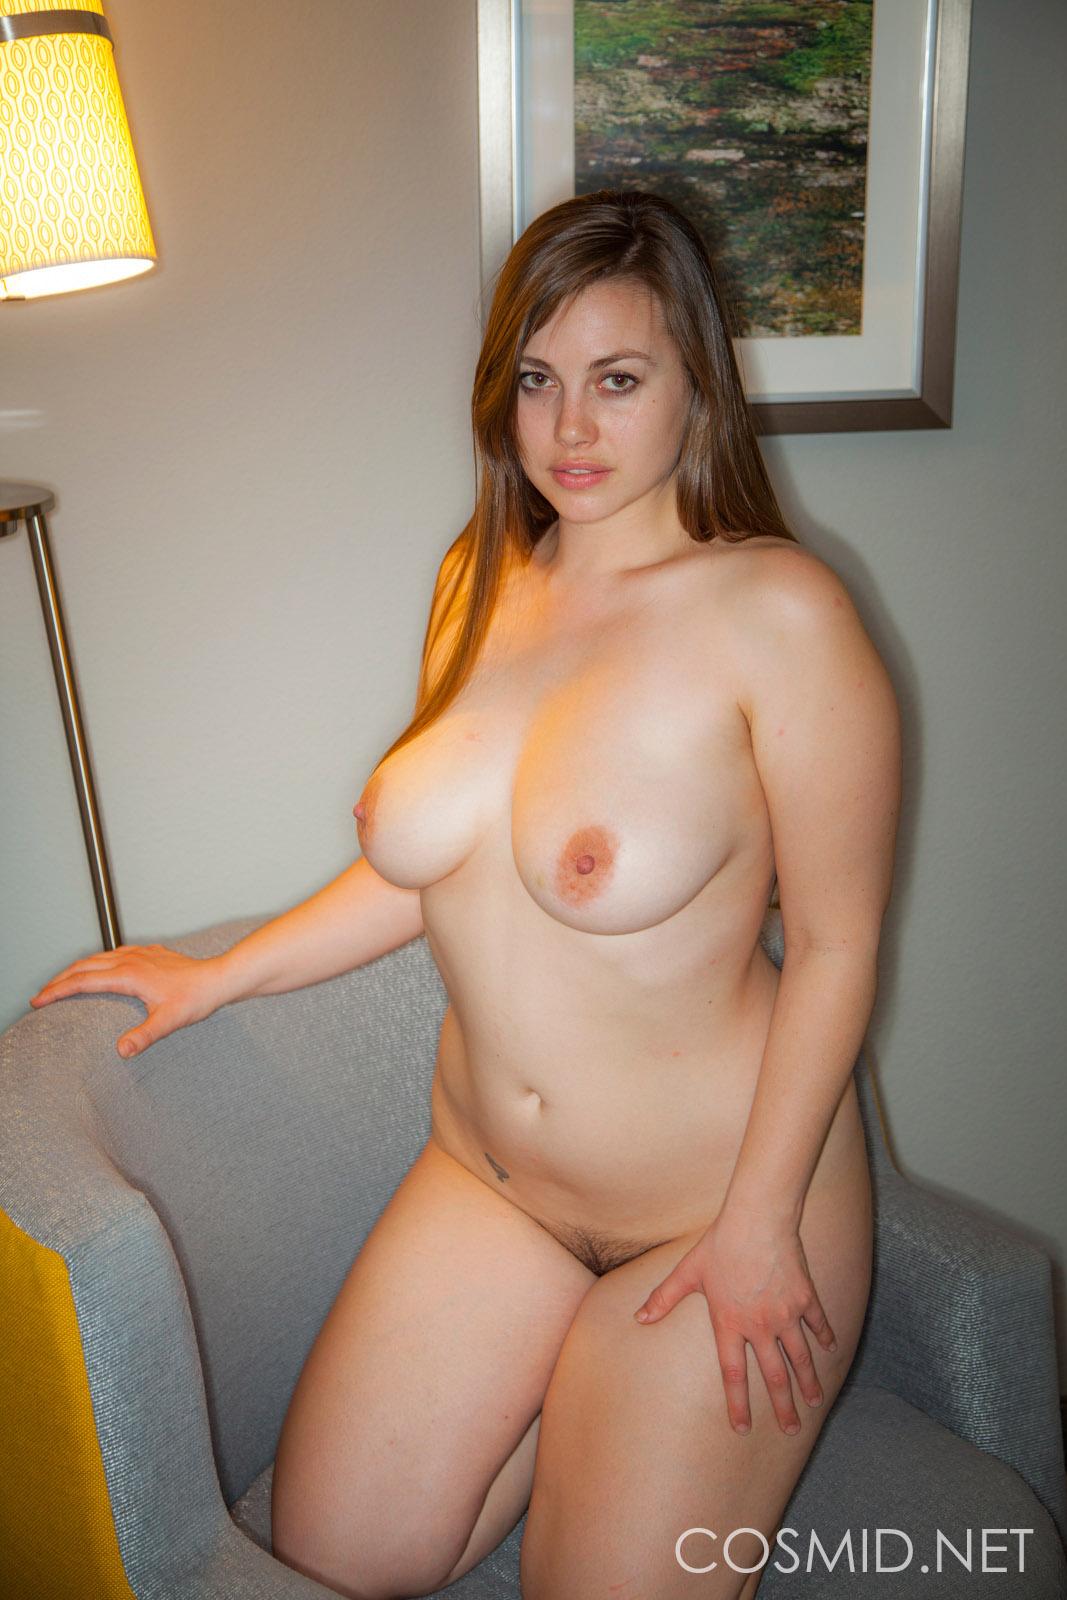 Blonde porn actress